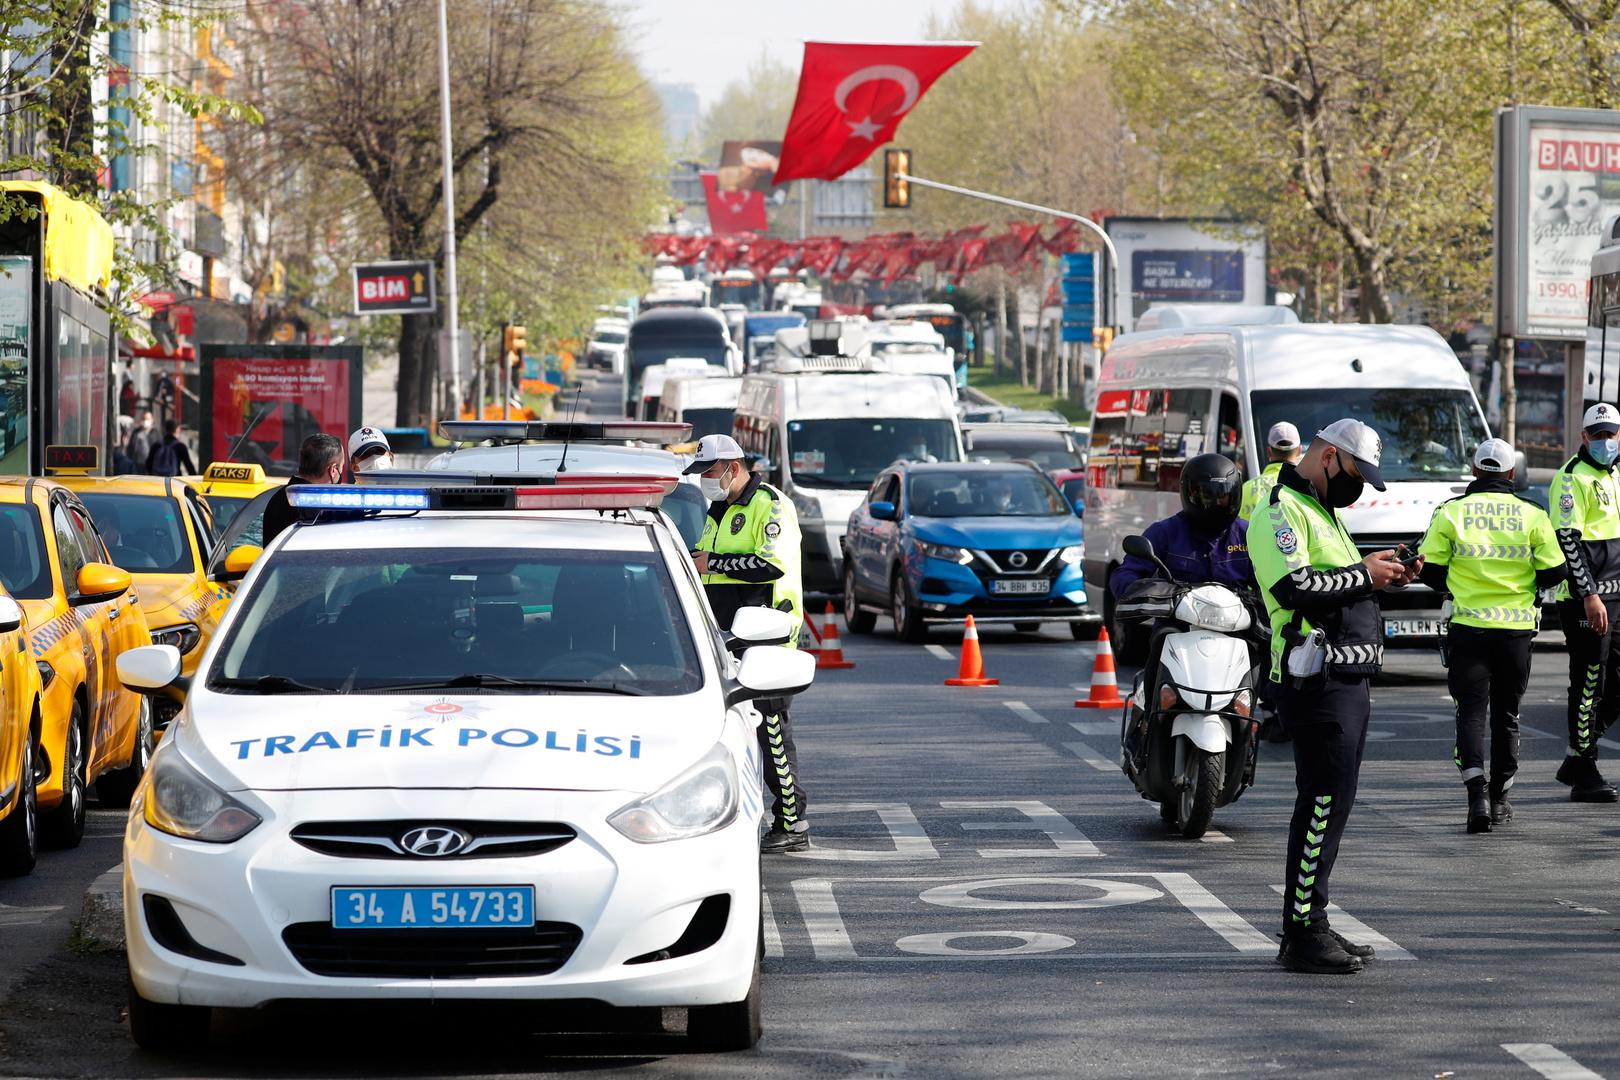 تركيا: الإعلان عن إجراءات جديدة خلال حظر التجول.. منها منع بيع الكحول!